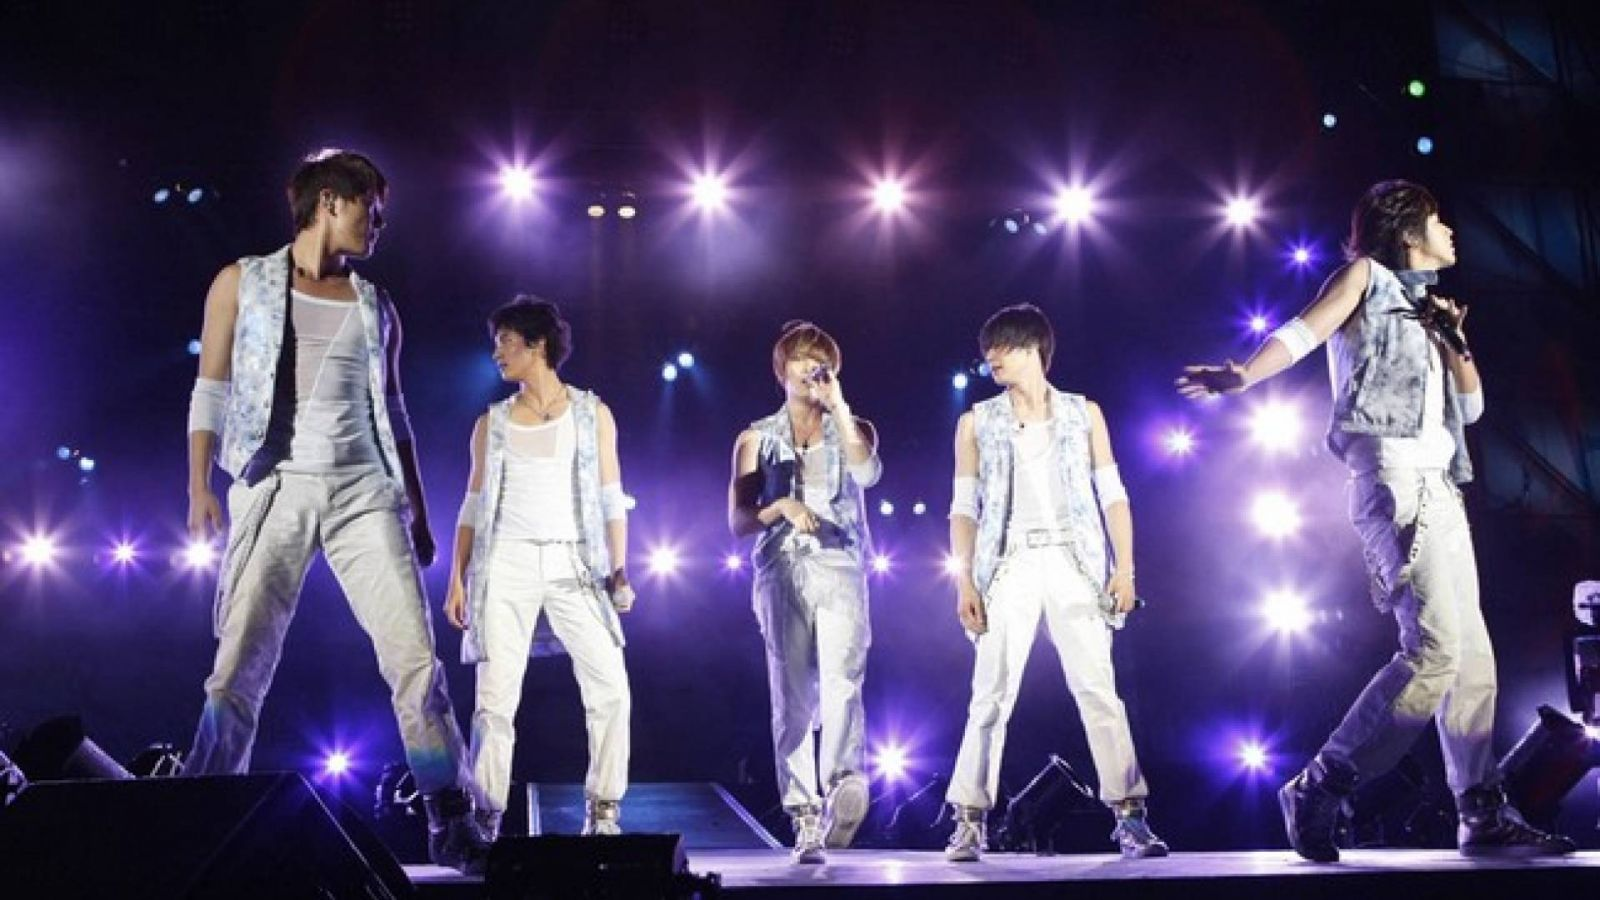 Membros do Dong Bang Shin Ki juntos no Japão © Avex Entertainment Inc.